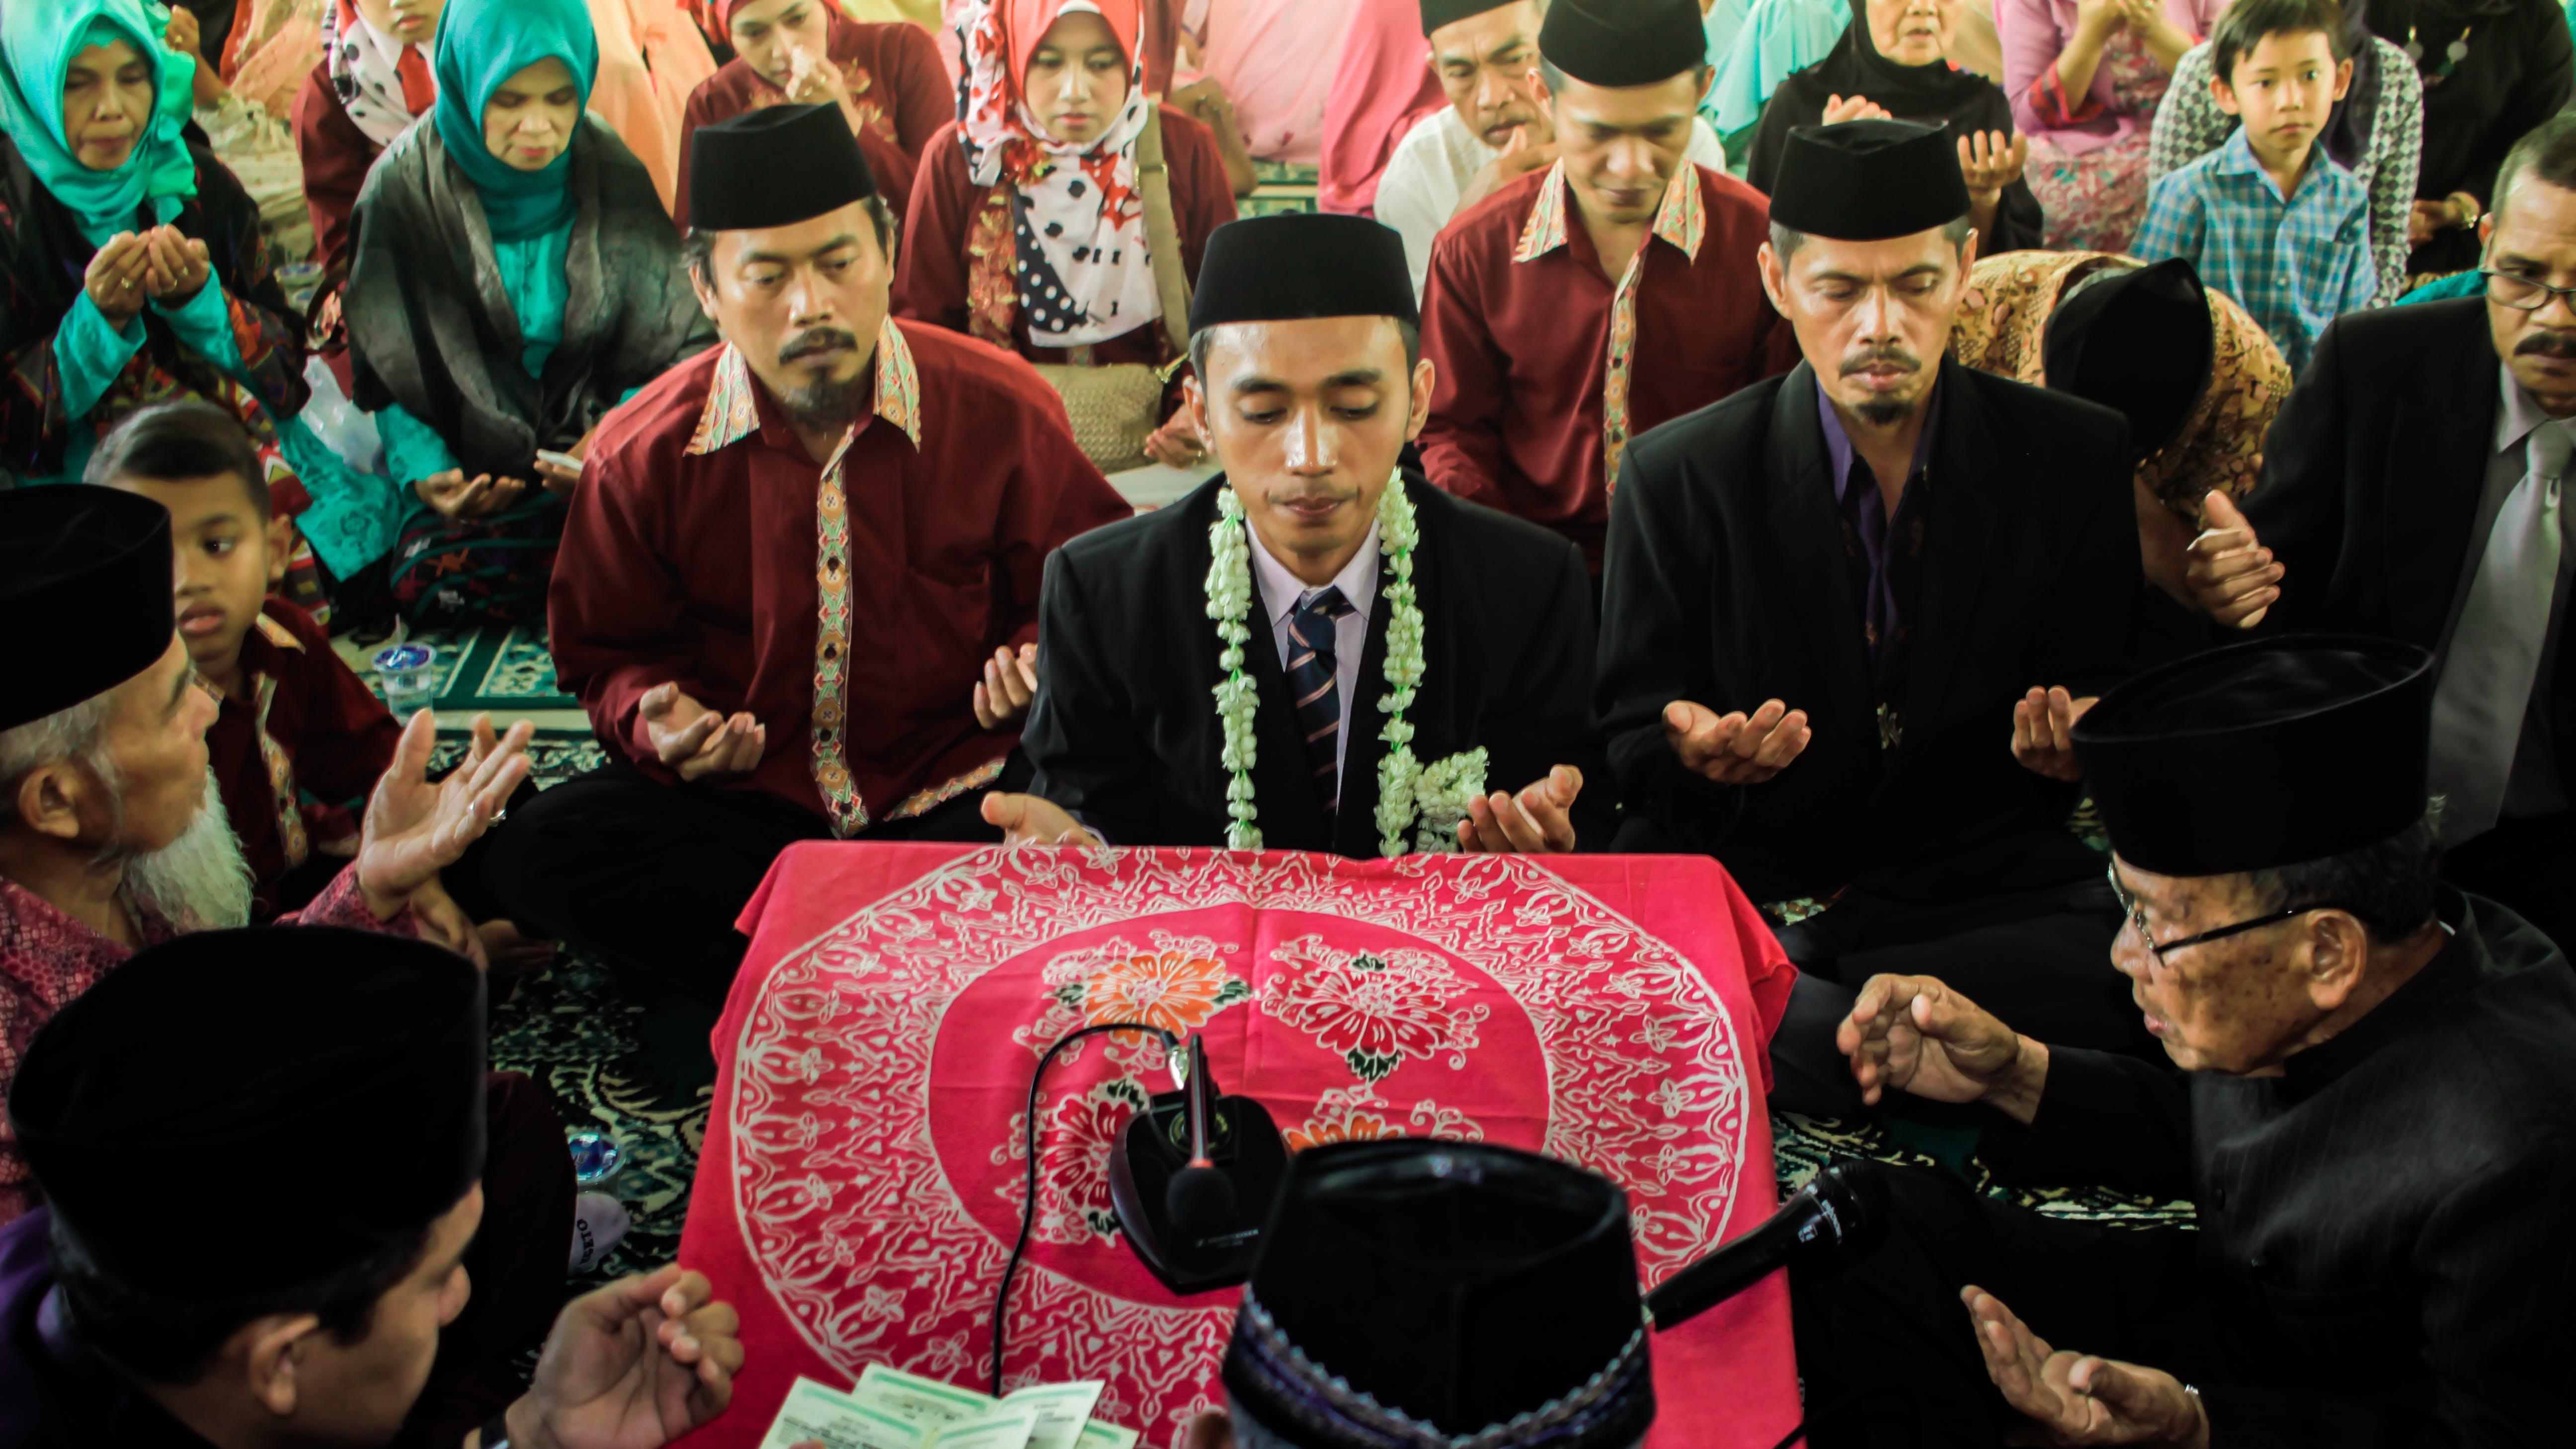 Gratis lagerfoto af bede, muslim, ægteskab